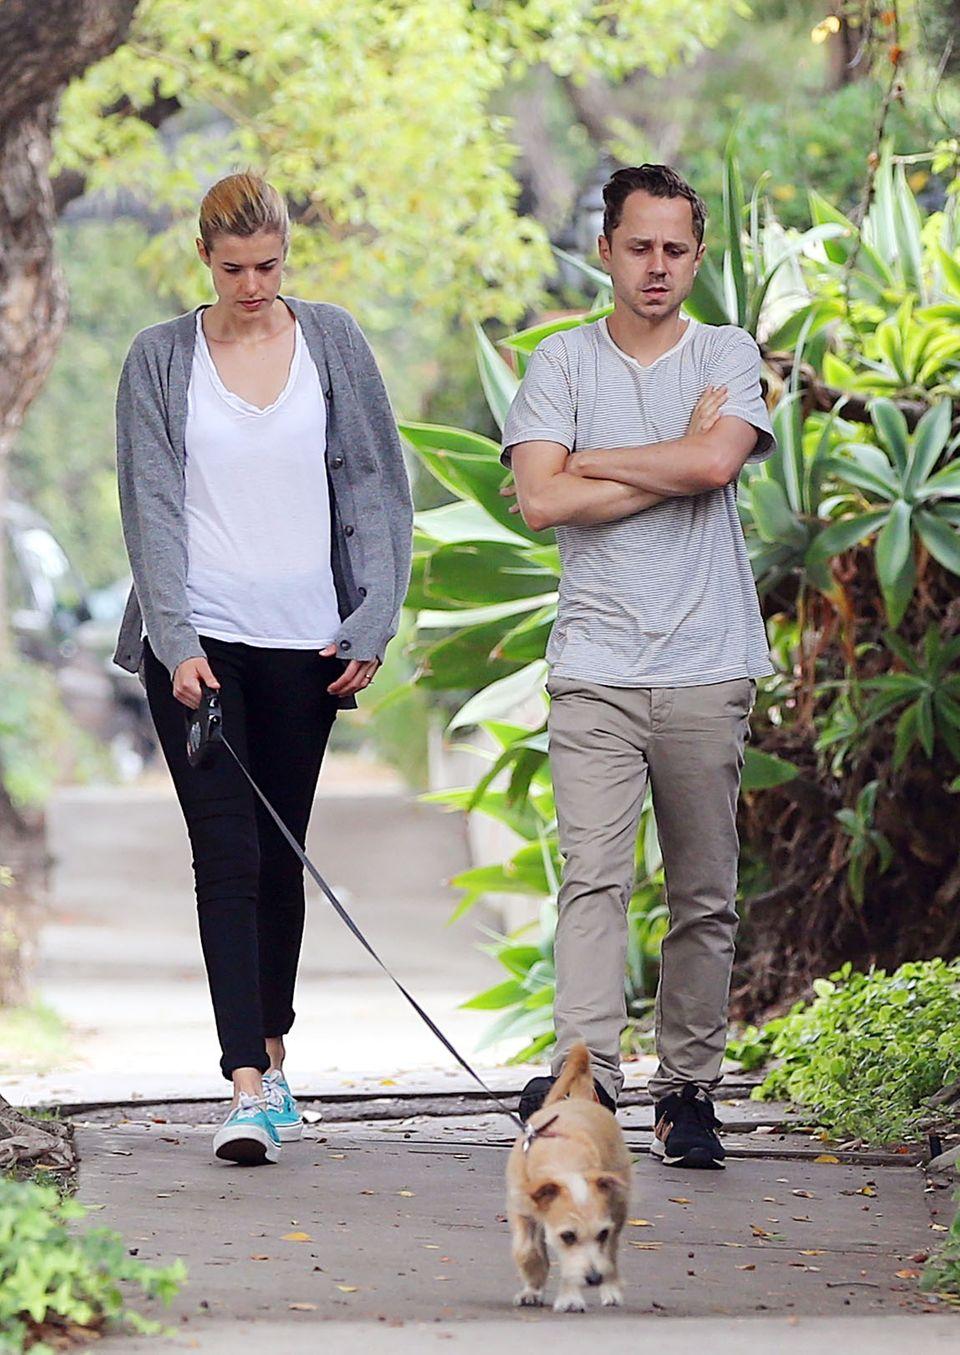 4. August 2013: Ehekrach? Agyness Deyn und Giovanni Ribisi gehen stillschweigend mit ihrem Hund Maui in Los Feliz spazieren.